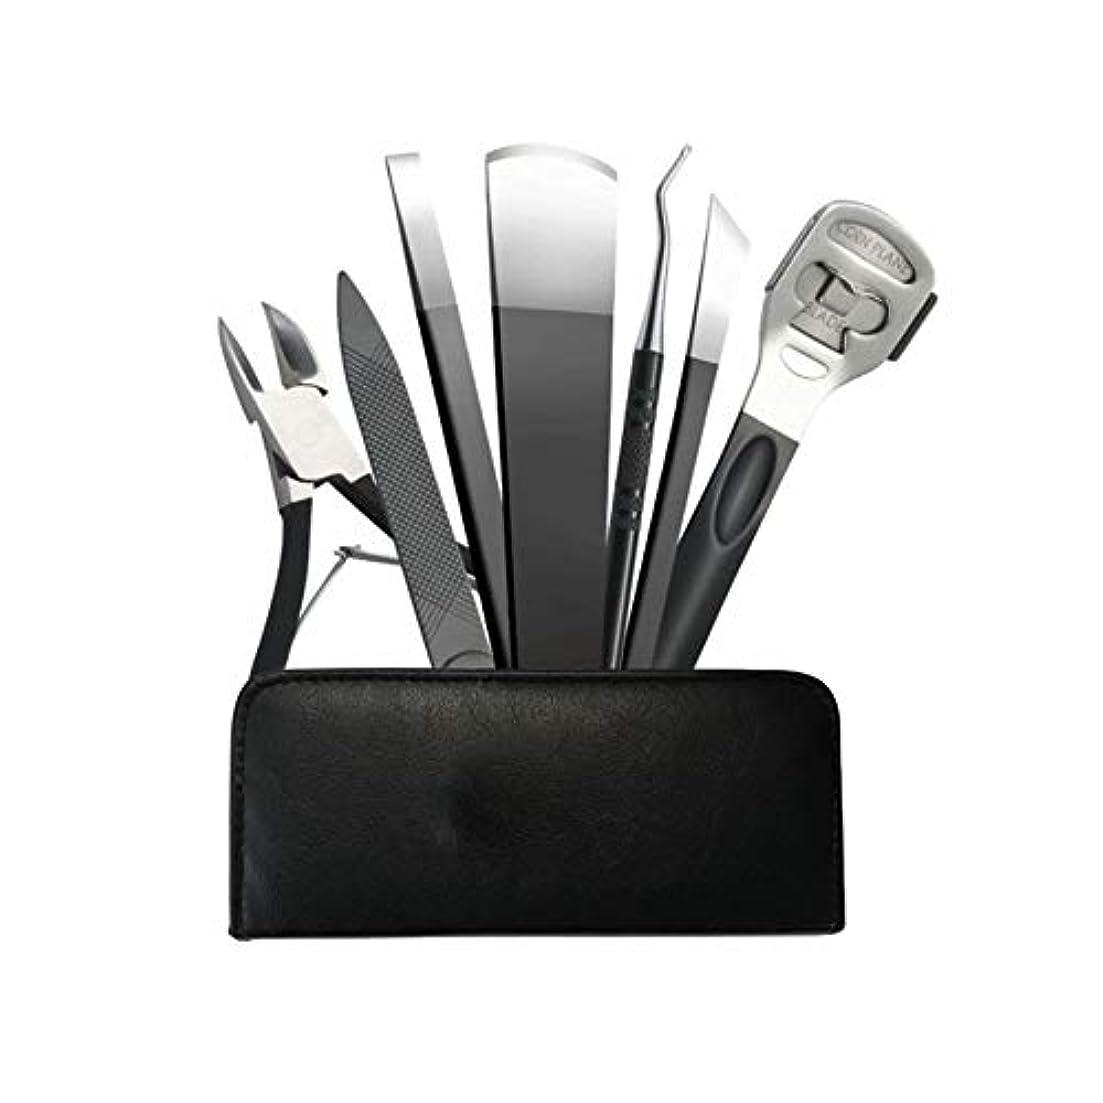 マイルカップルメールJIAYIZS プロフェッショナルペディキュアナイフ7点セットネイルクリッパーペディキュアペディキュアツール (Color : Silver)